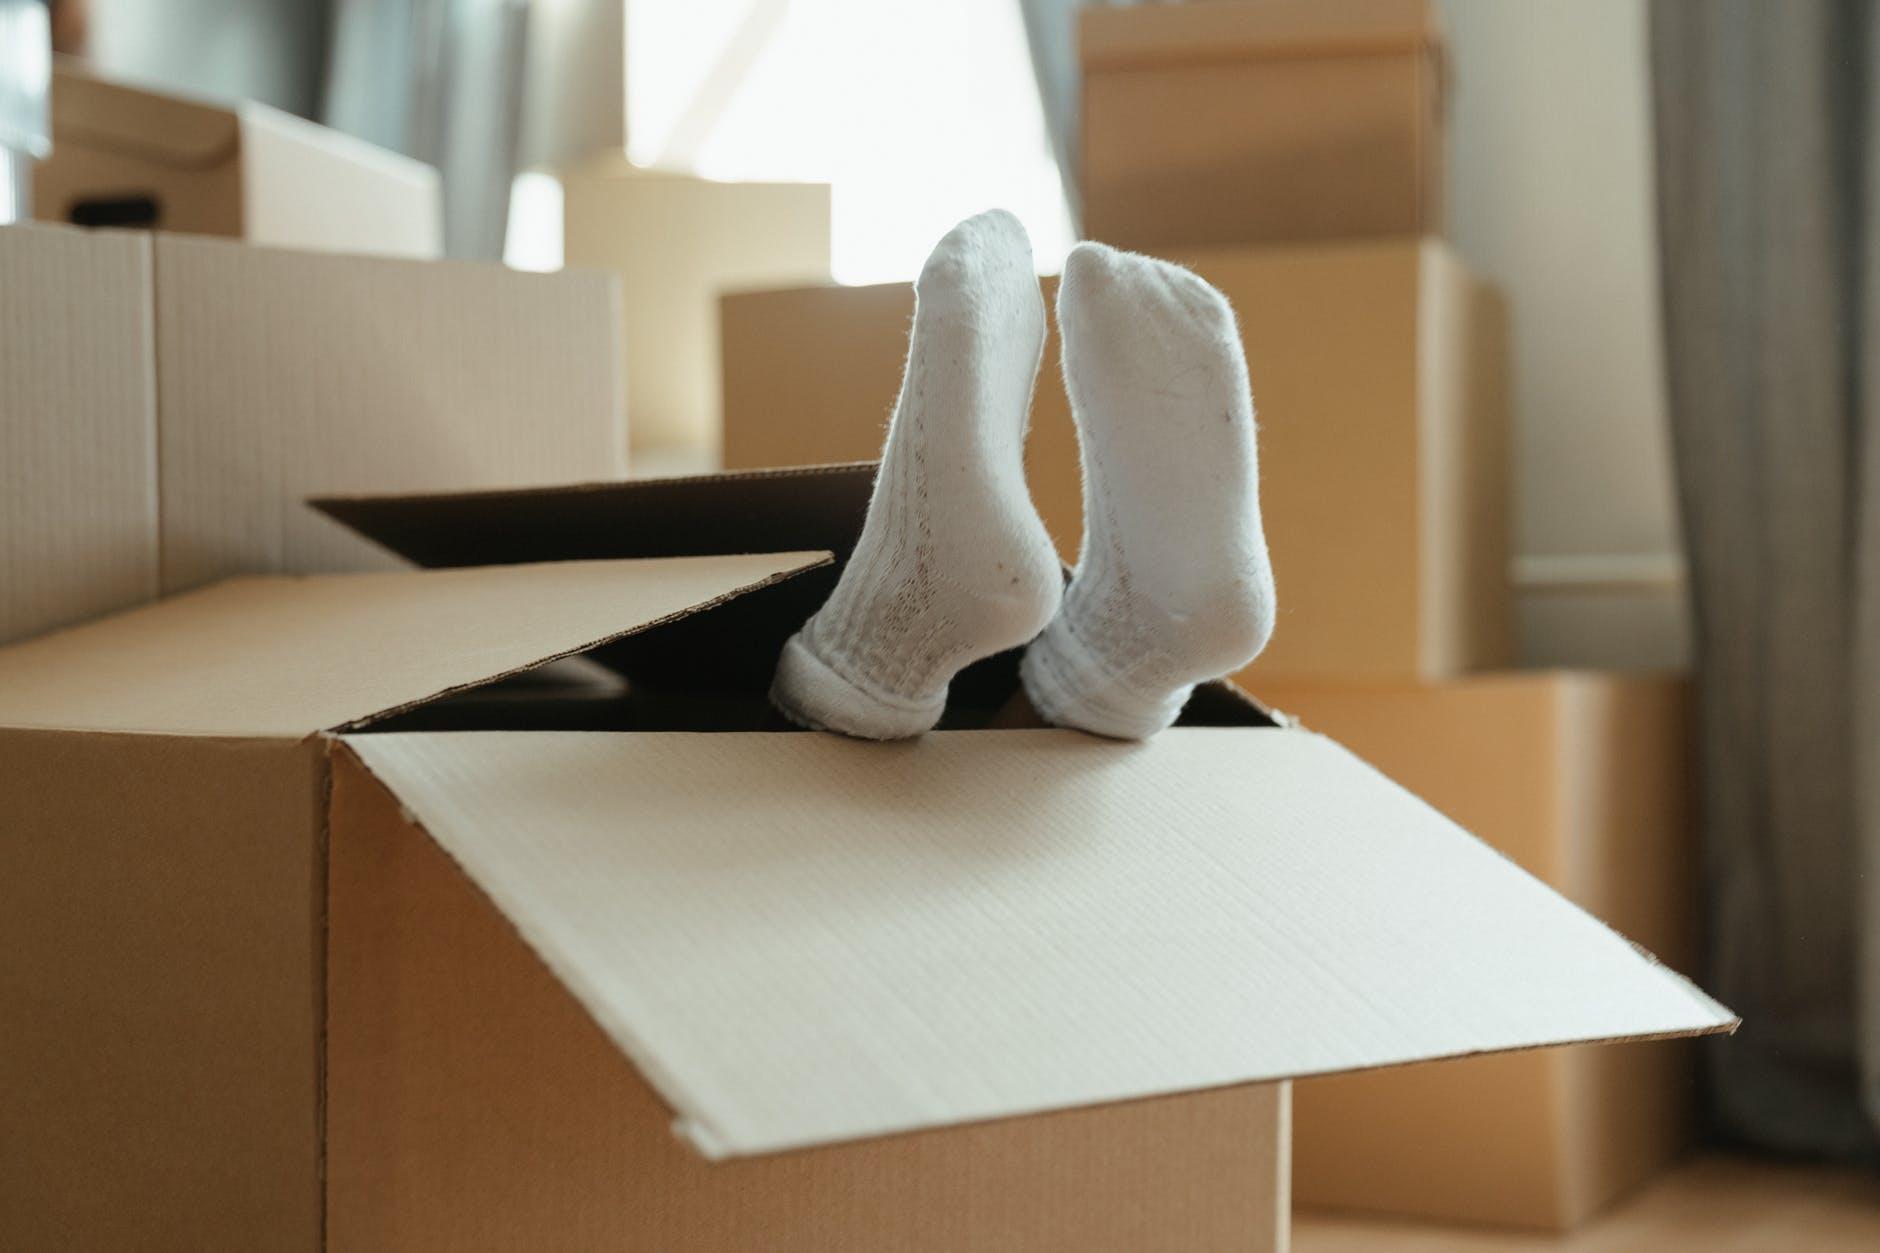 white socks on white paper